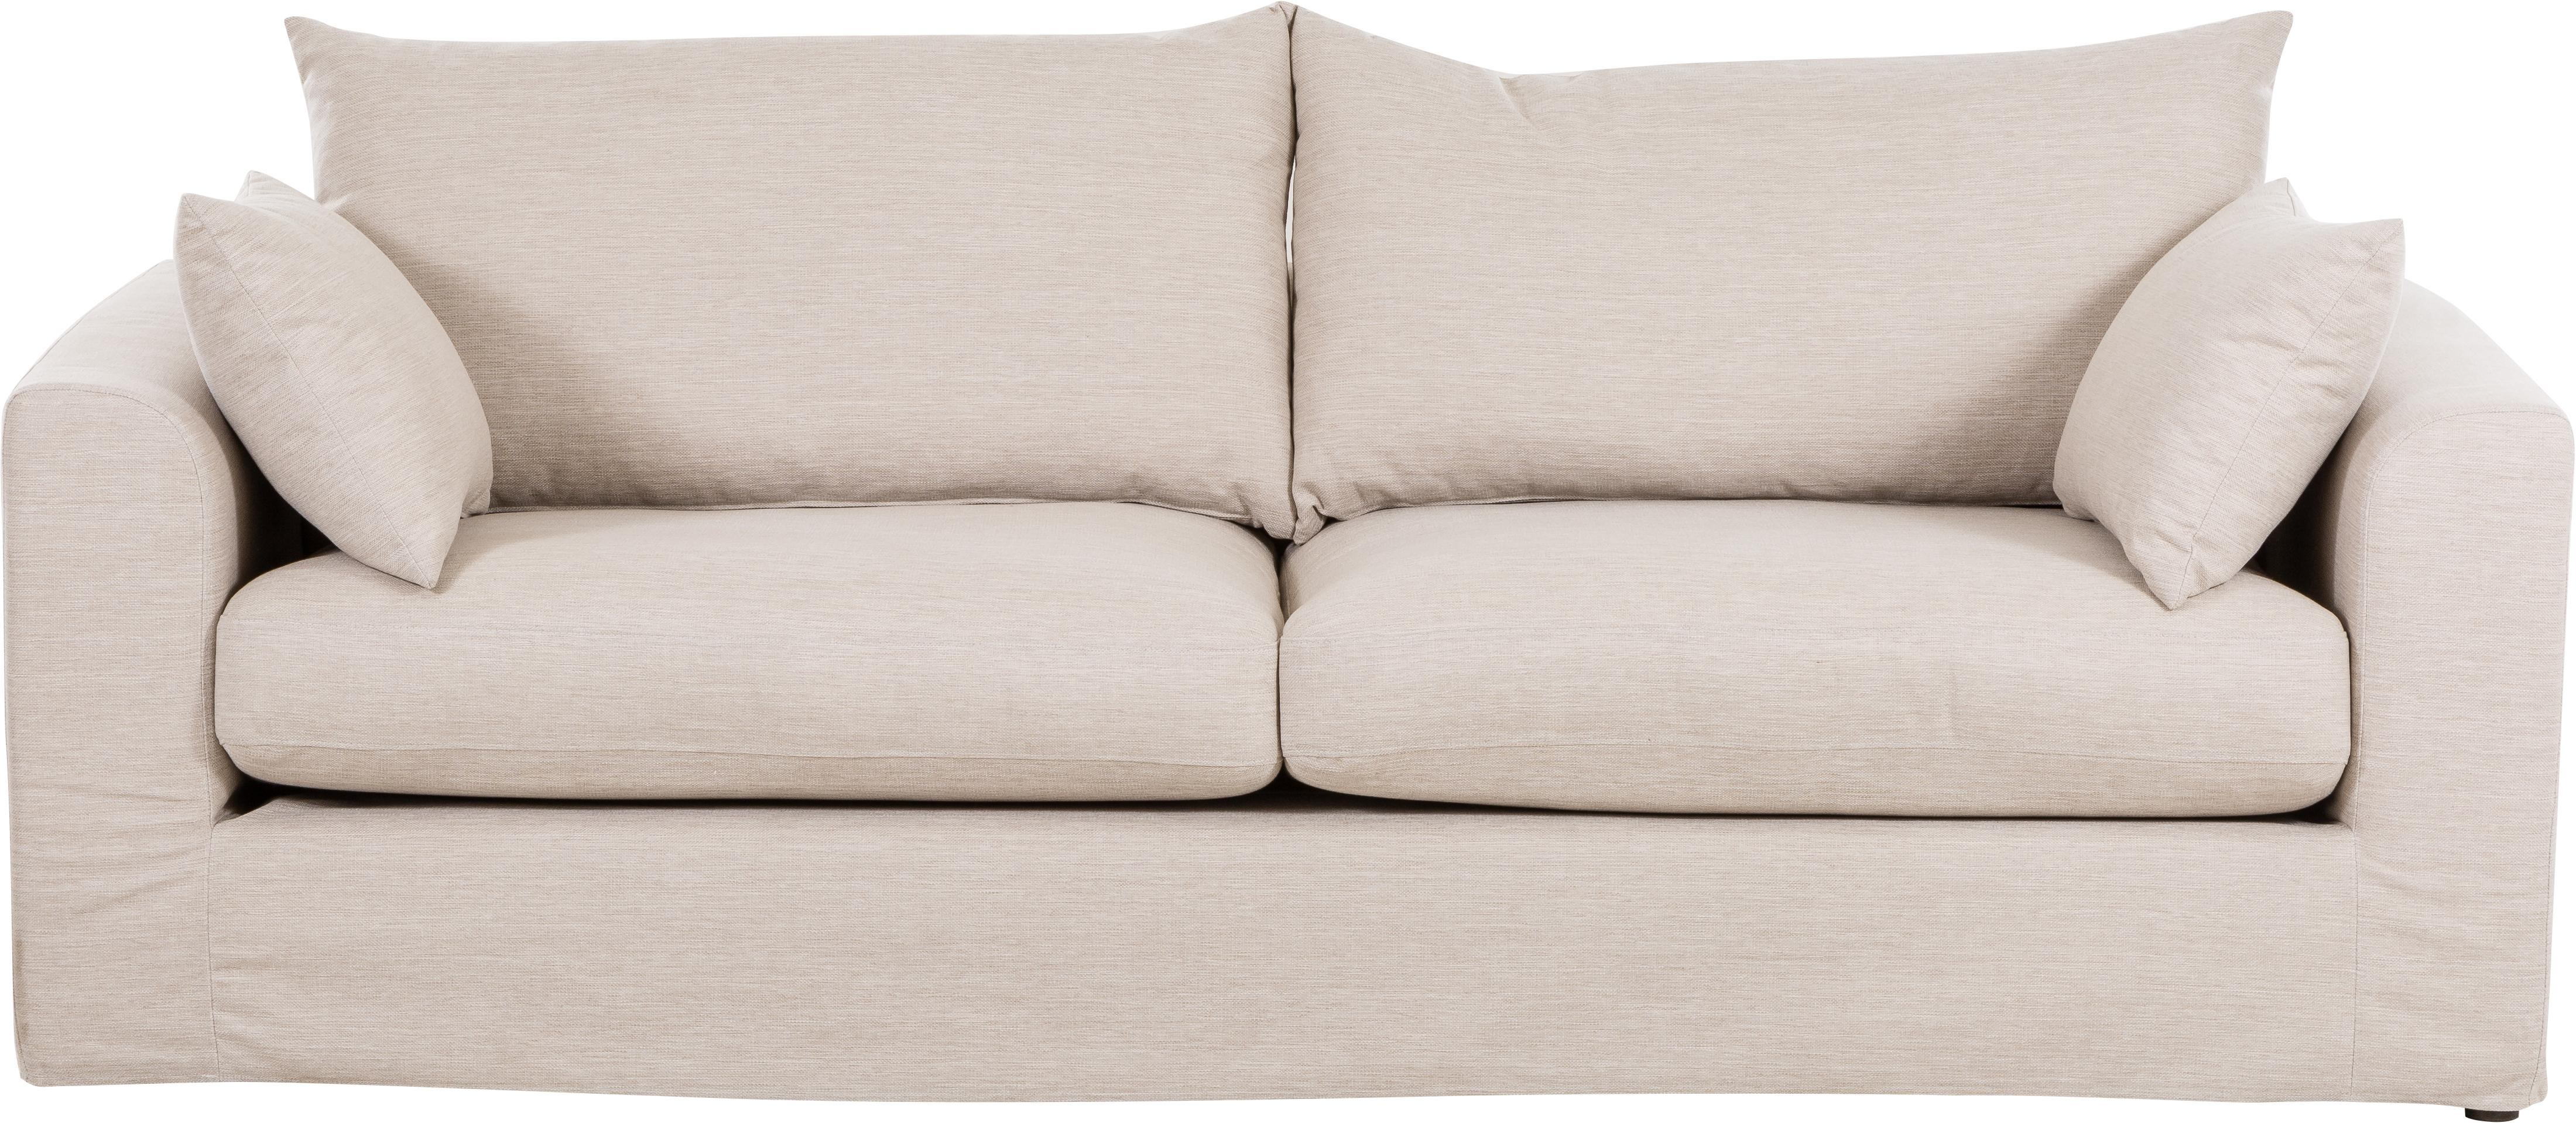 Sofa Zach (3-Sitzer), Bezug: Polypropylen Der hochwert, Füße: Kunststoff, Webstoff Beige, B 231 x T 90 cm